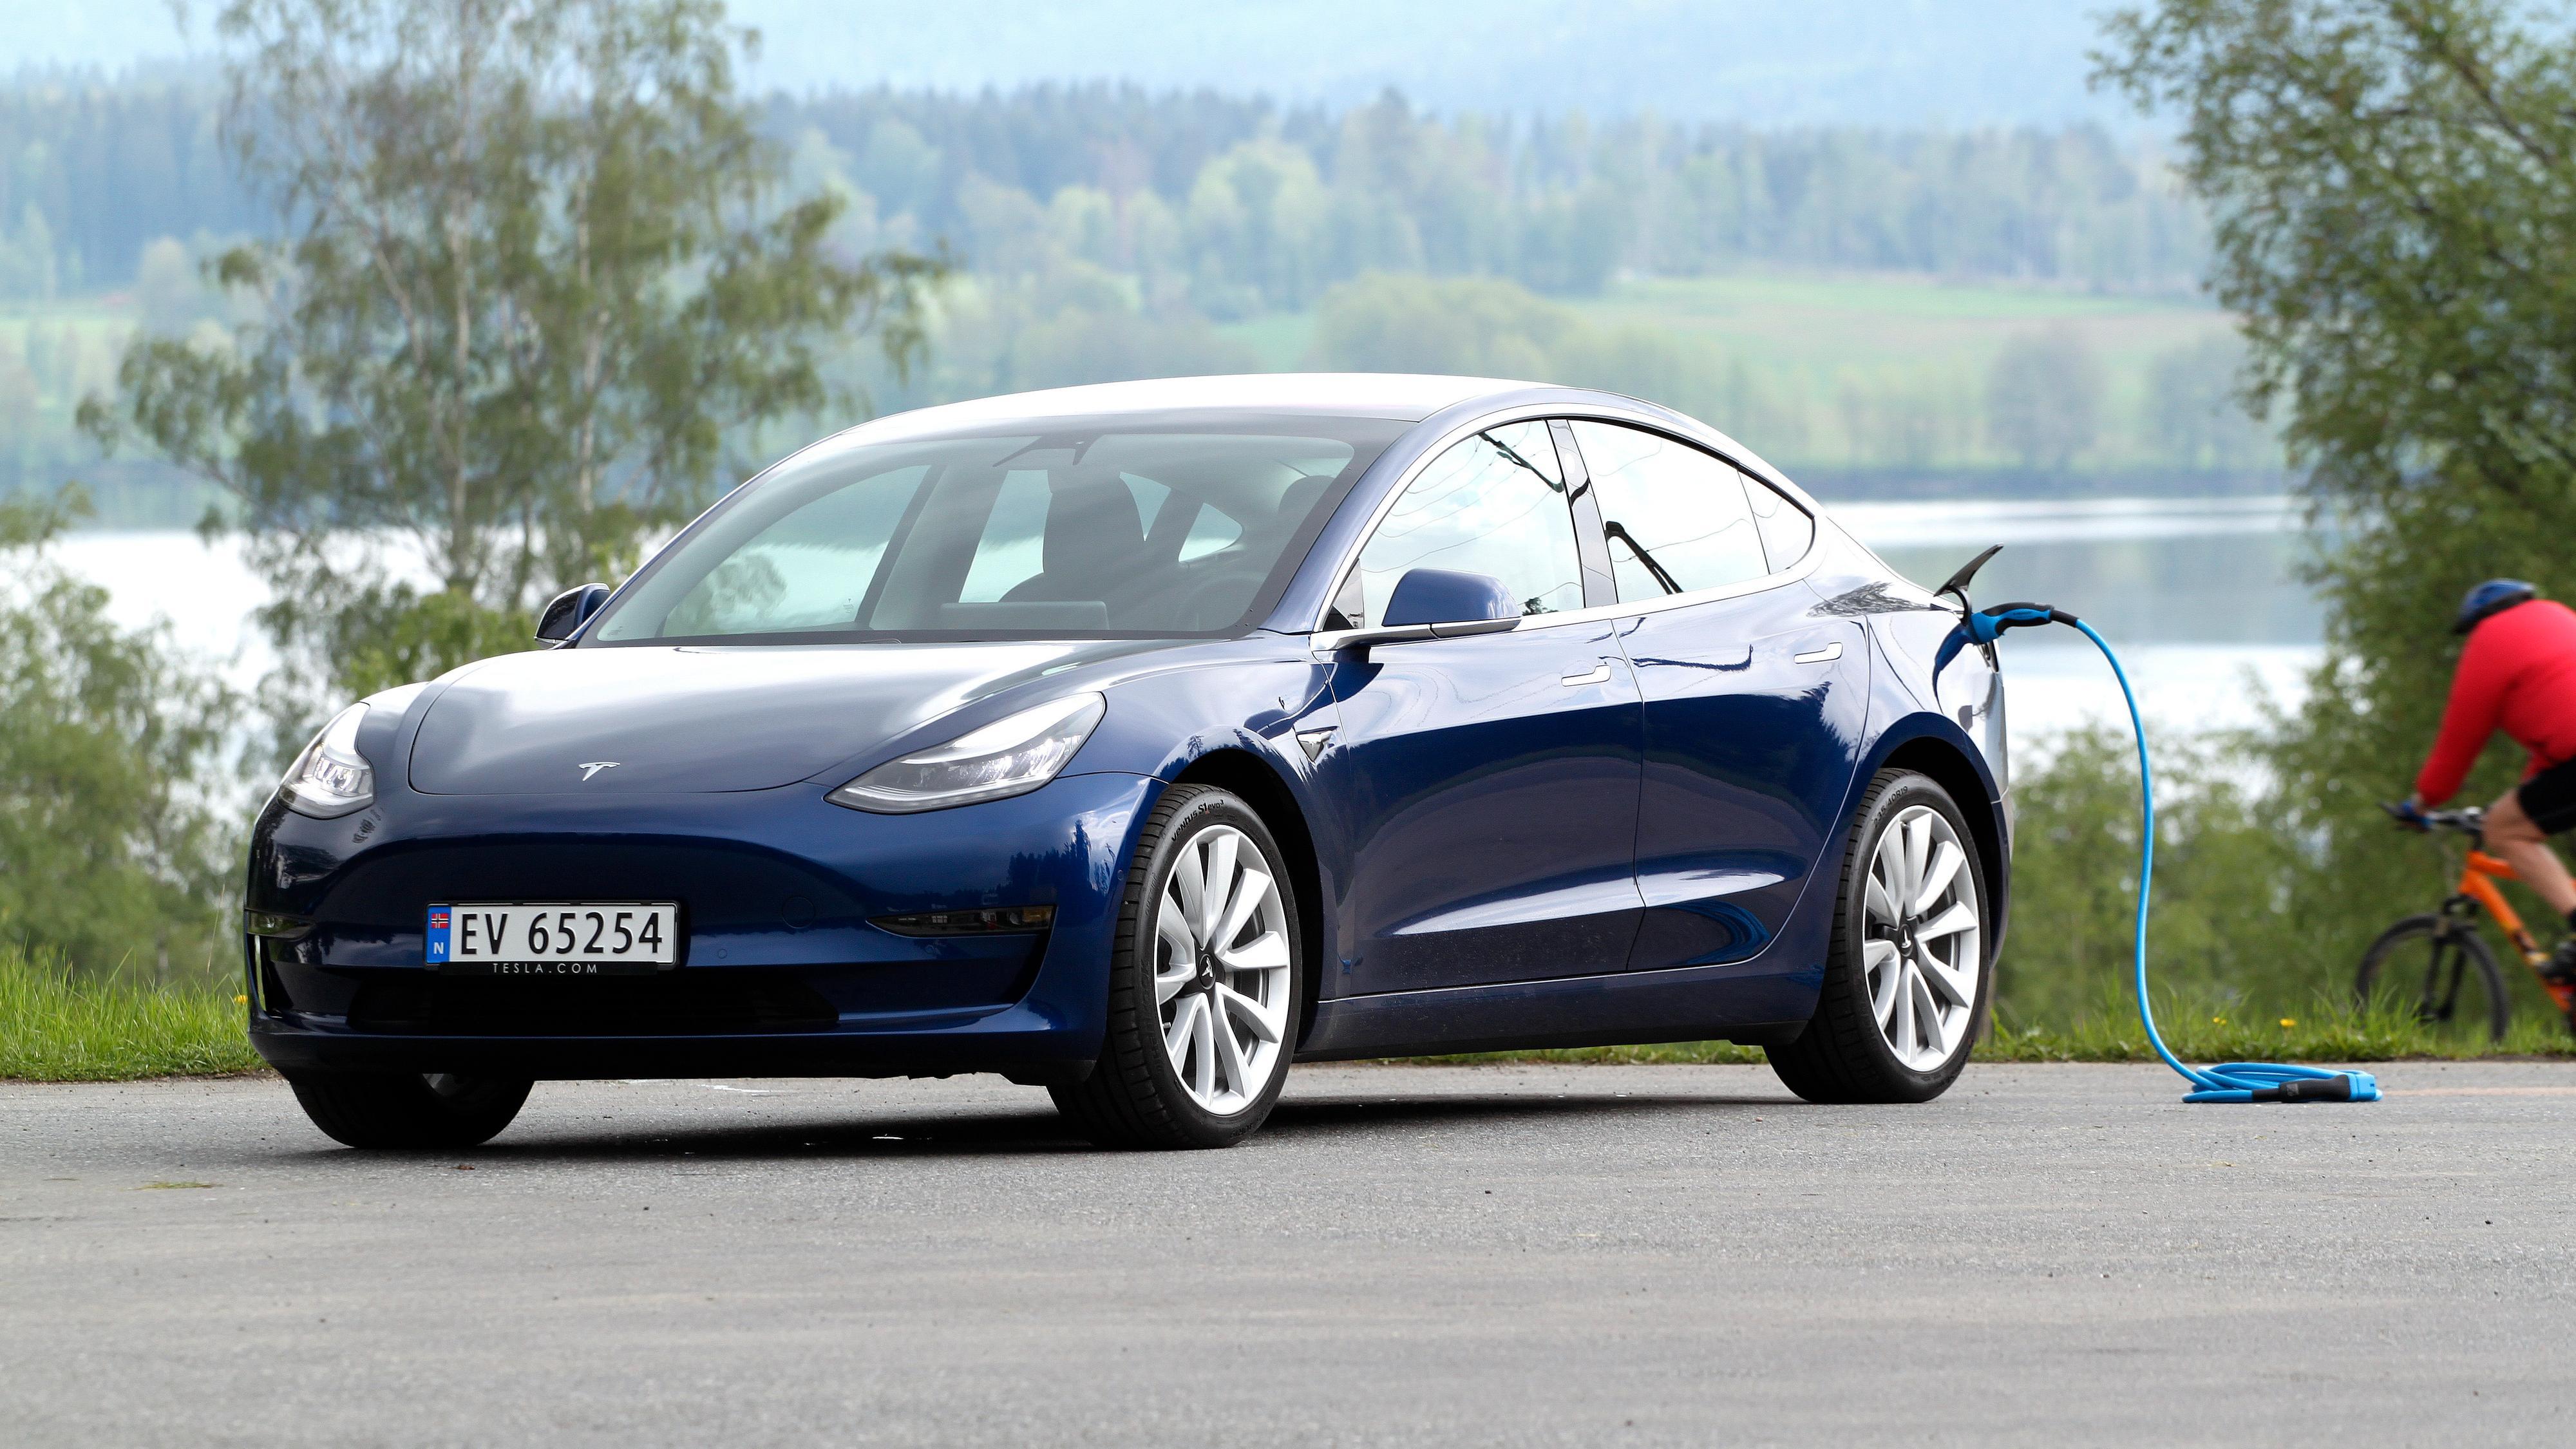 Tesla setter ned prisene på Model 3 - øker rekkevidden